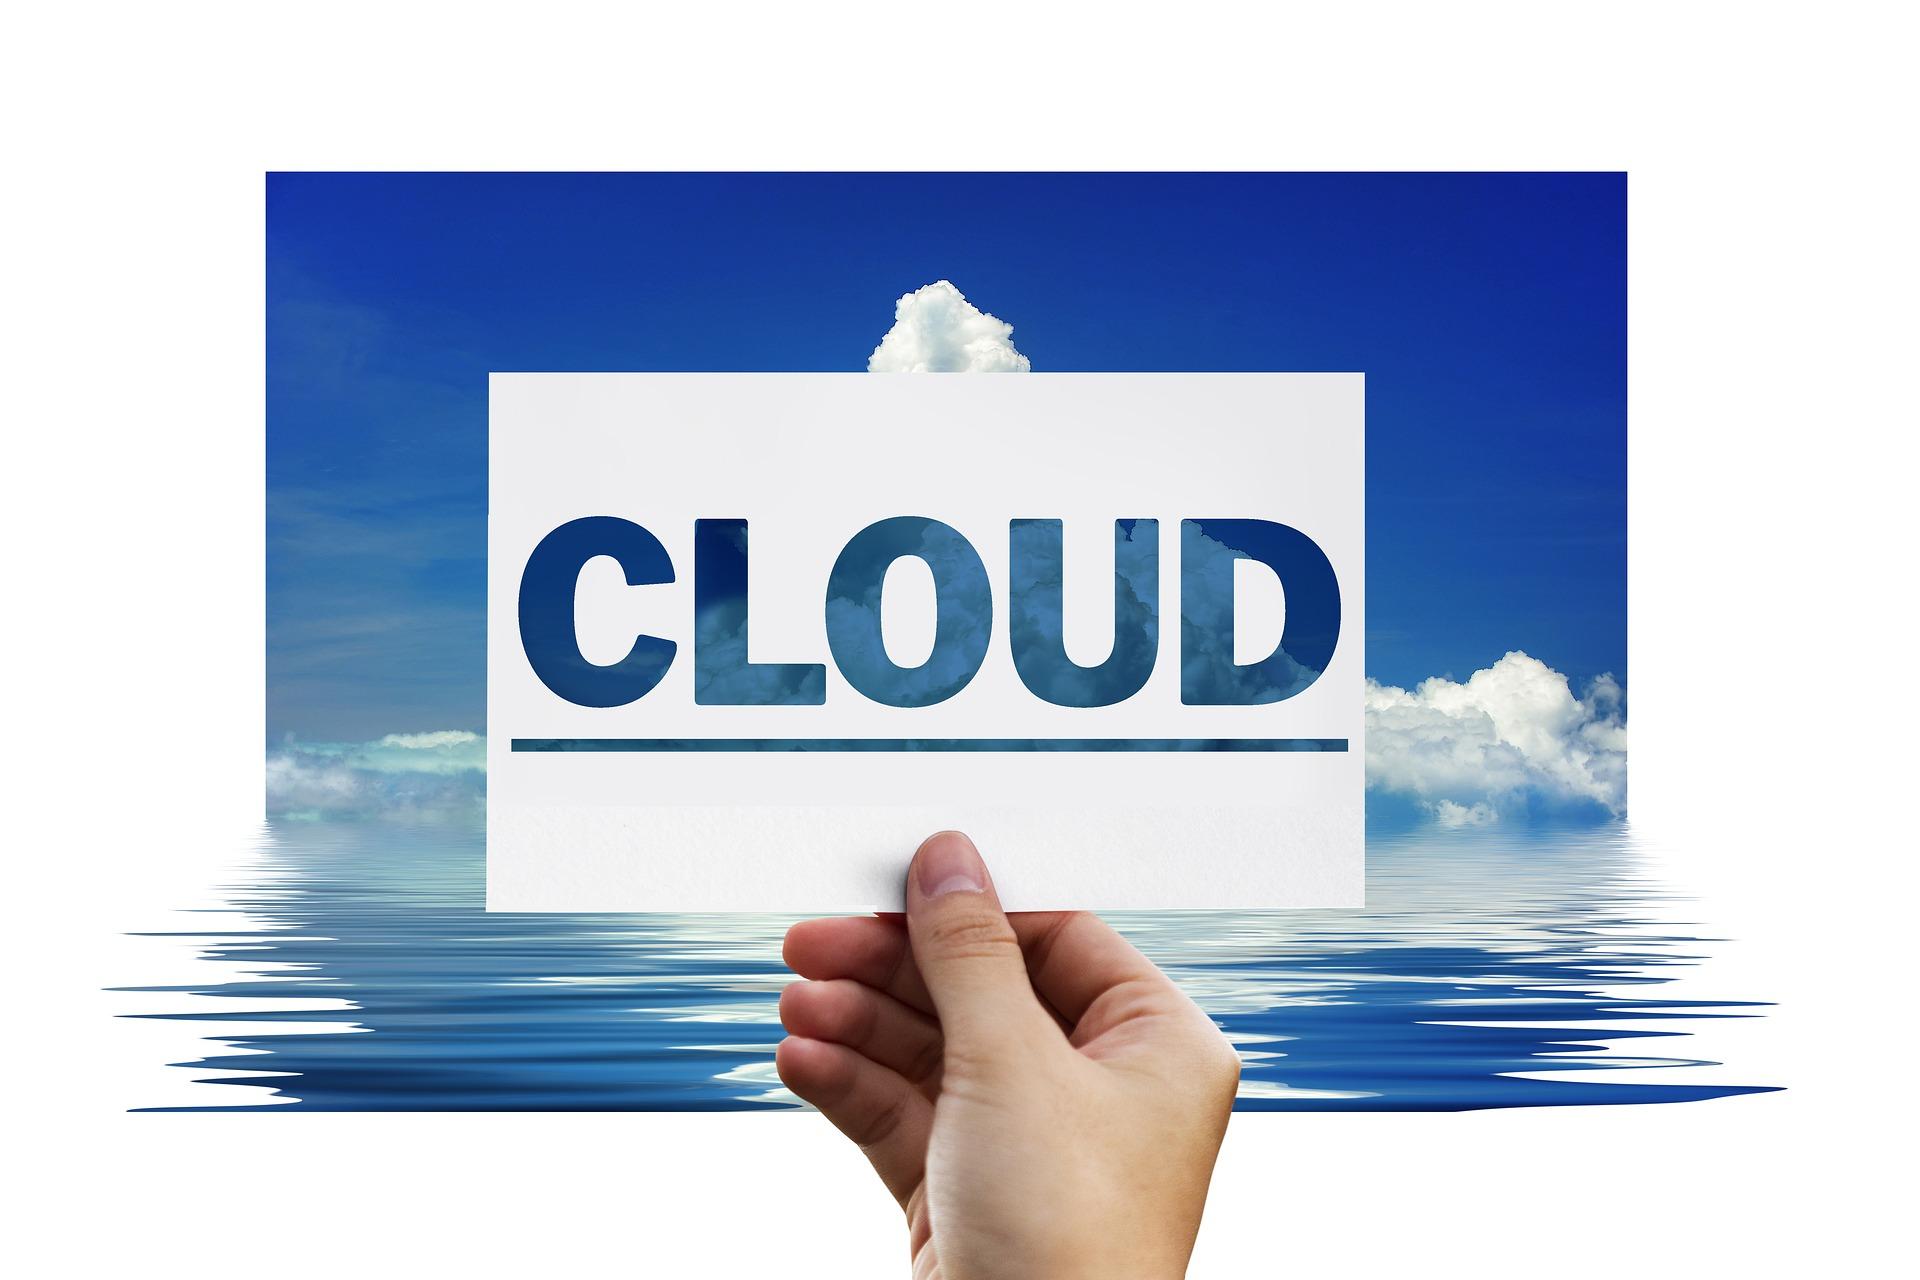 scritta cloud